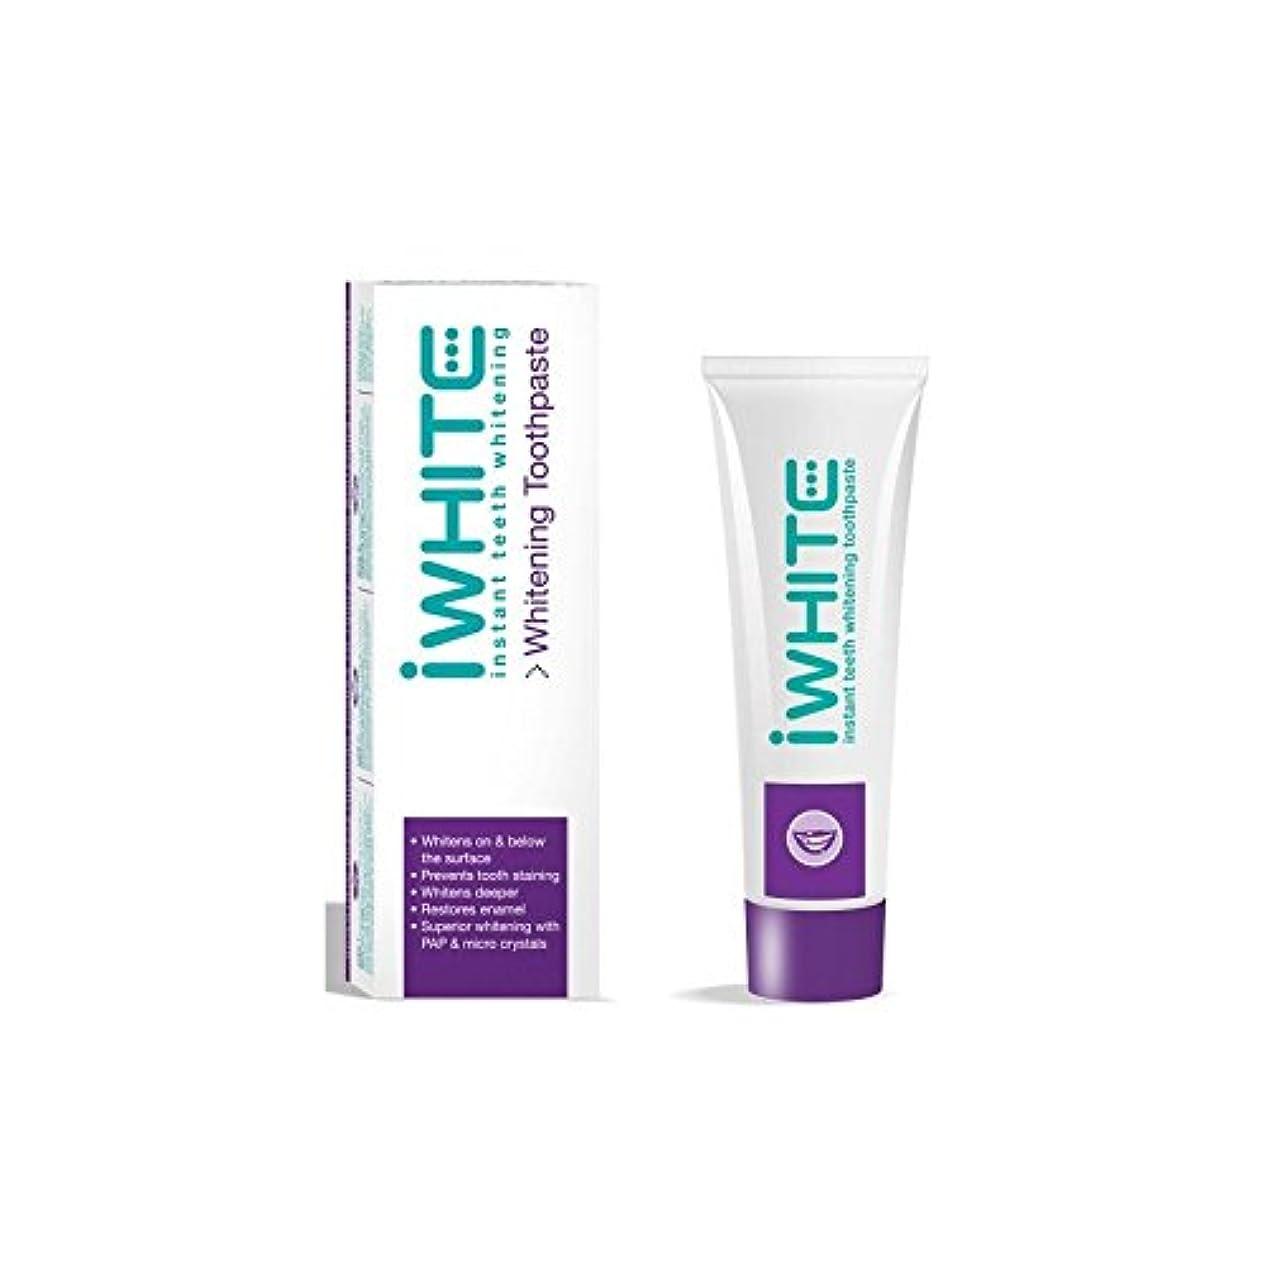 手がかり祈り吸収する歯磨き粉を白くインスタント歯(75ミリリットル) x2 - iWhite Instant Teeth Whitening Toothpaste (75ml) (Pack of 2) [並行輸入品]